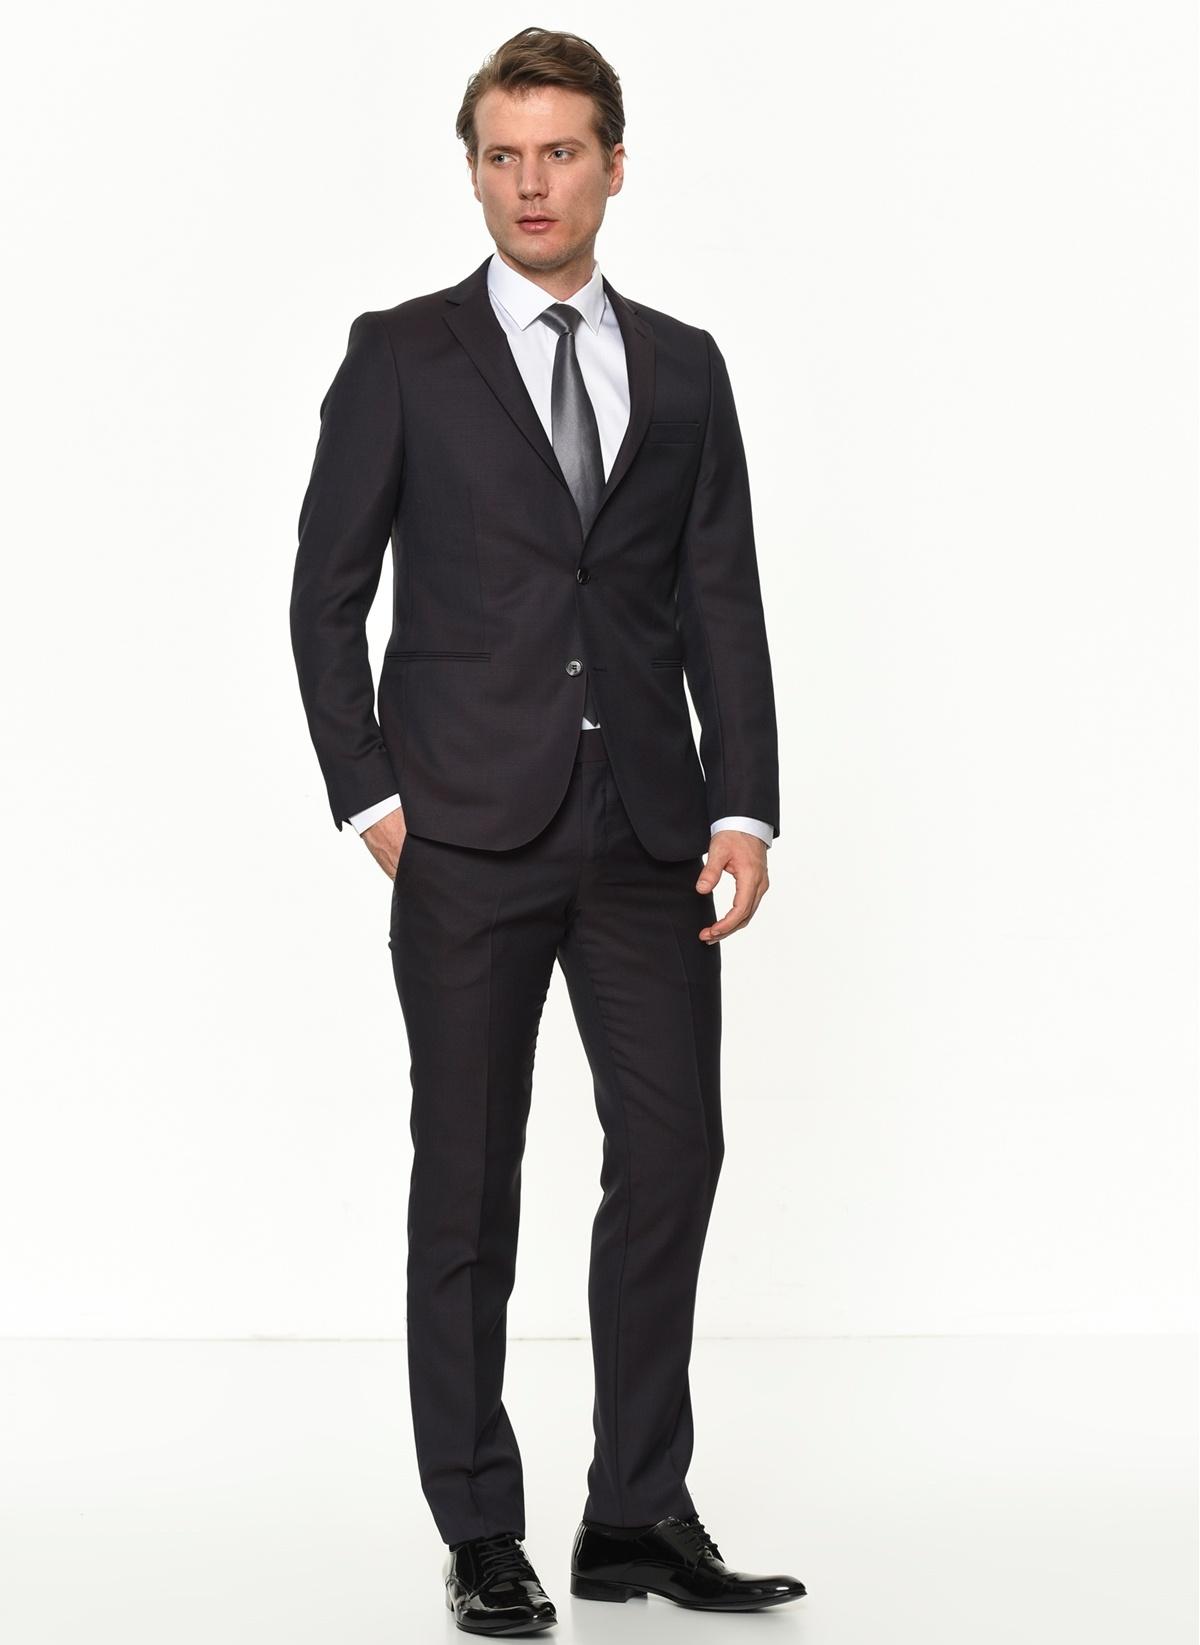 4e3ae5ffead8f Beymen Business Erkek Takım Elbise Bordo 48-6 Beden 5002370802002 Ürün Resmi